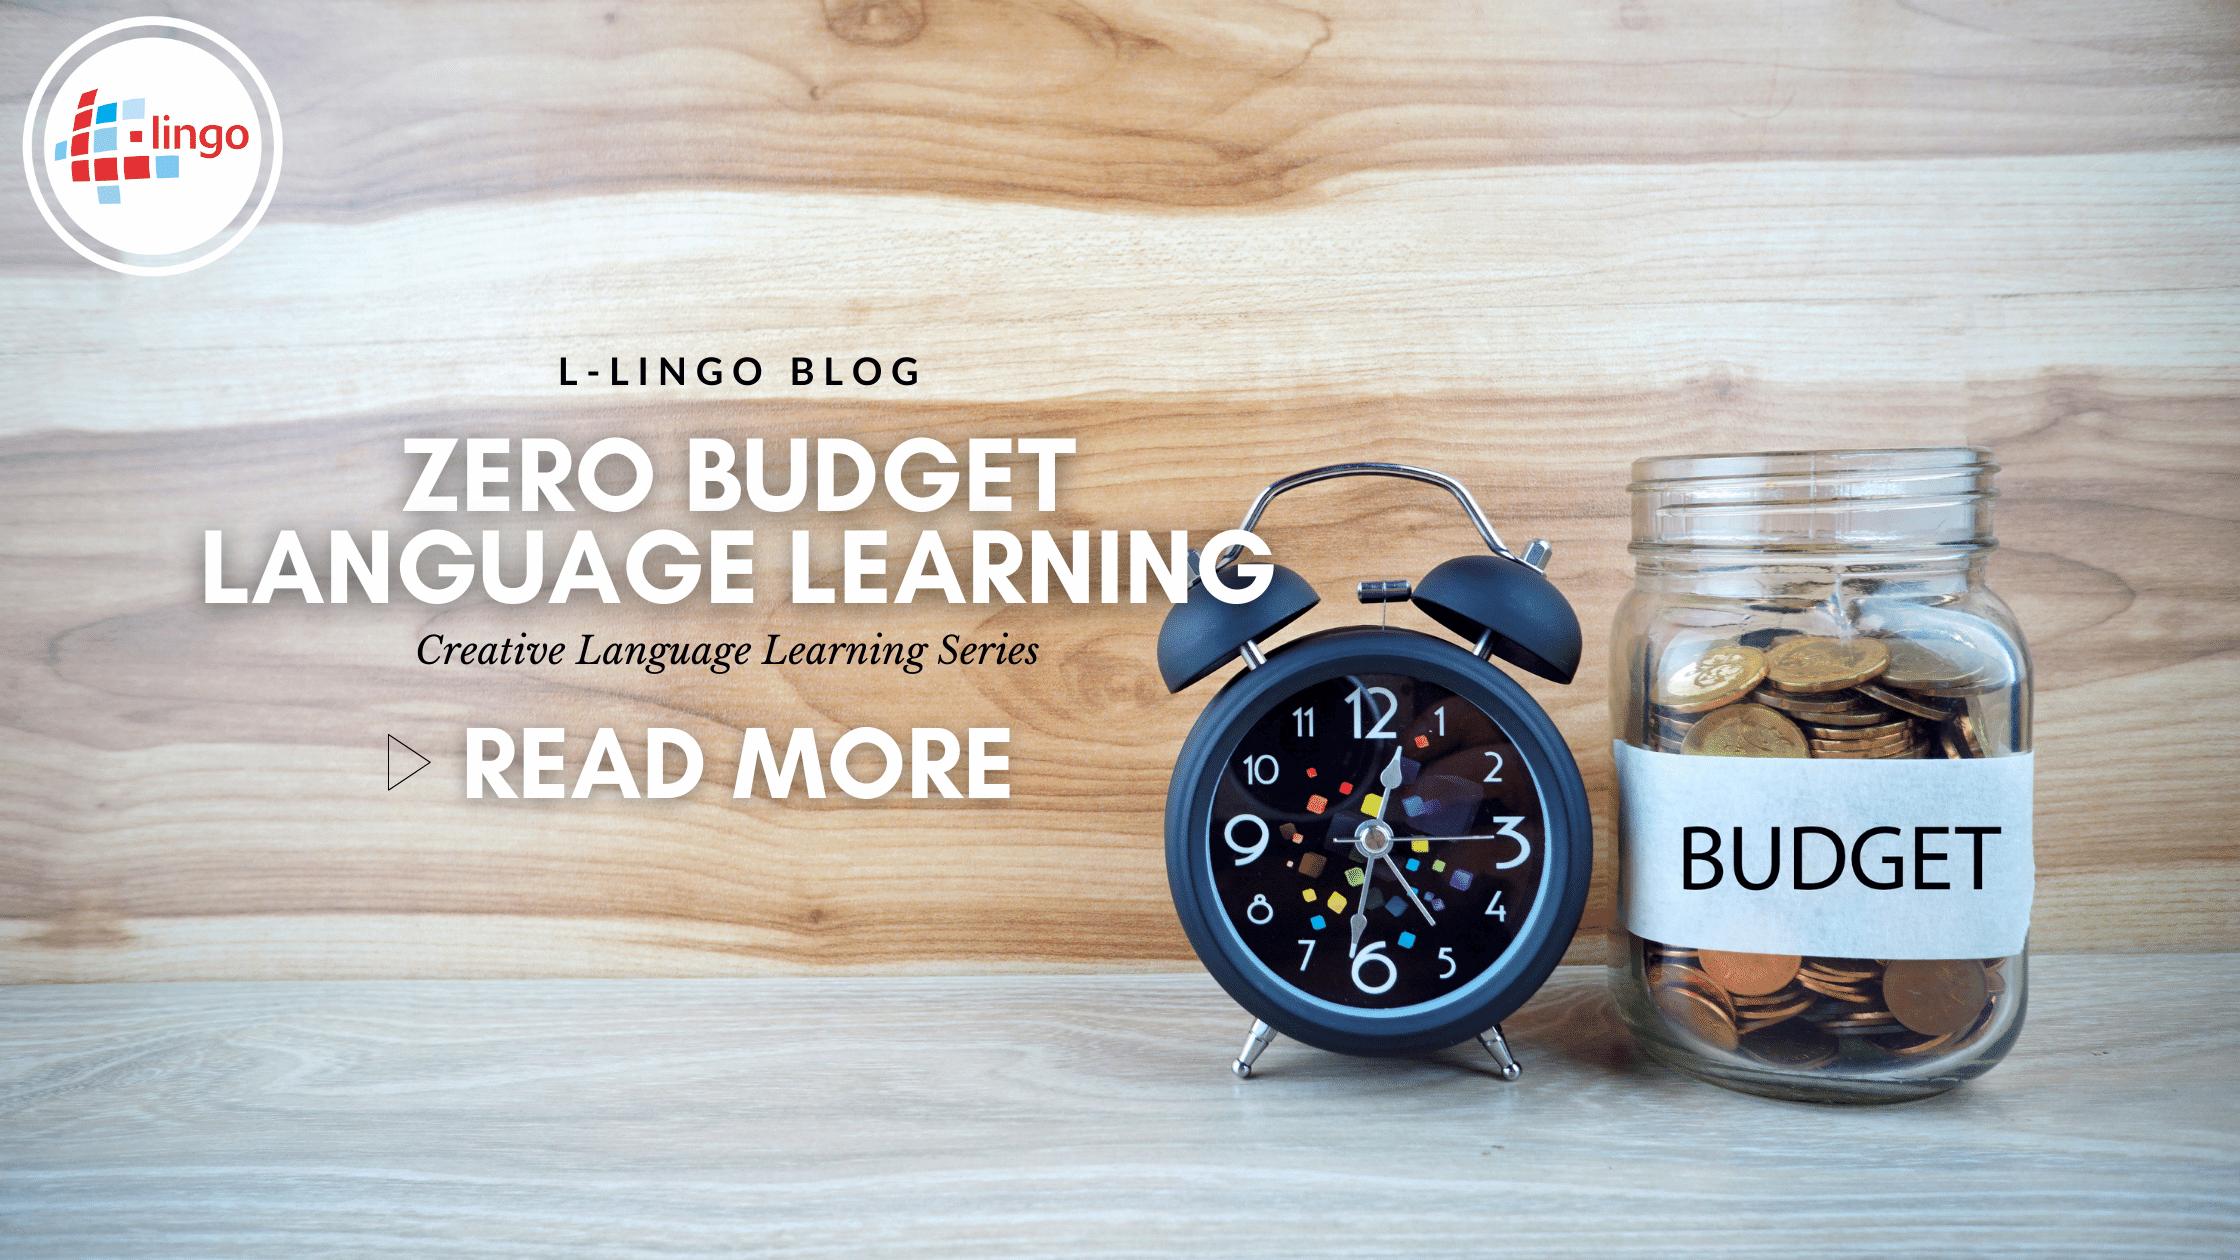 L-Lingo Blog zero budget language learning